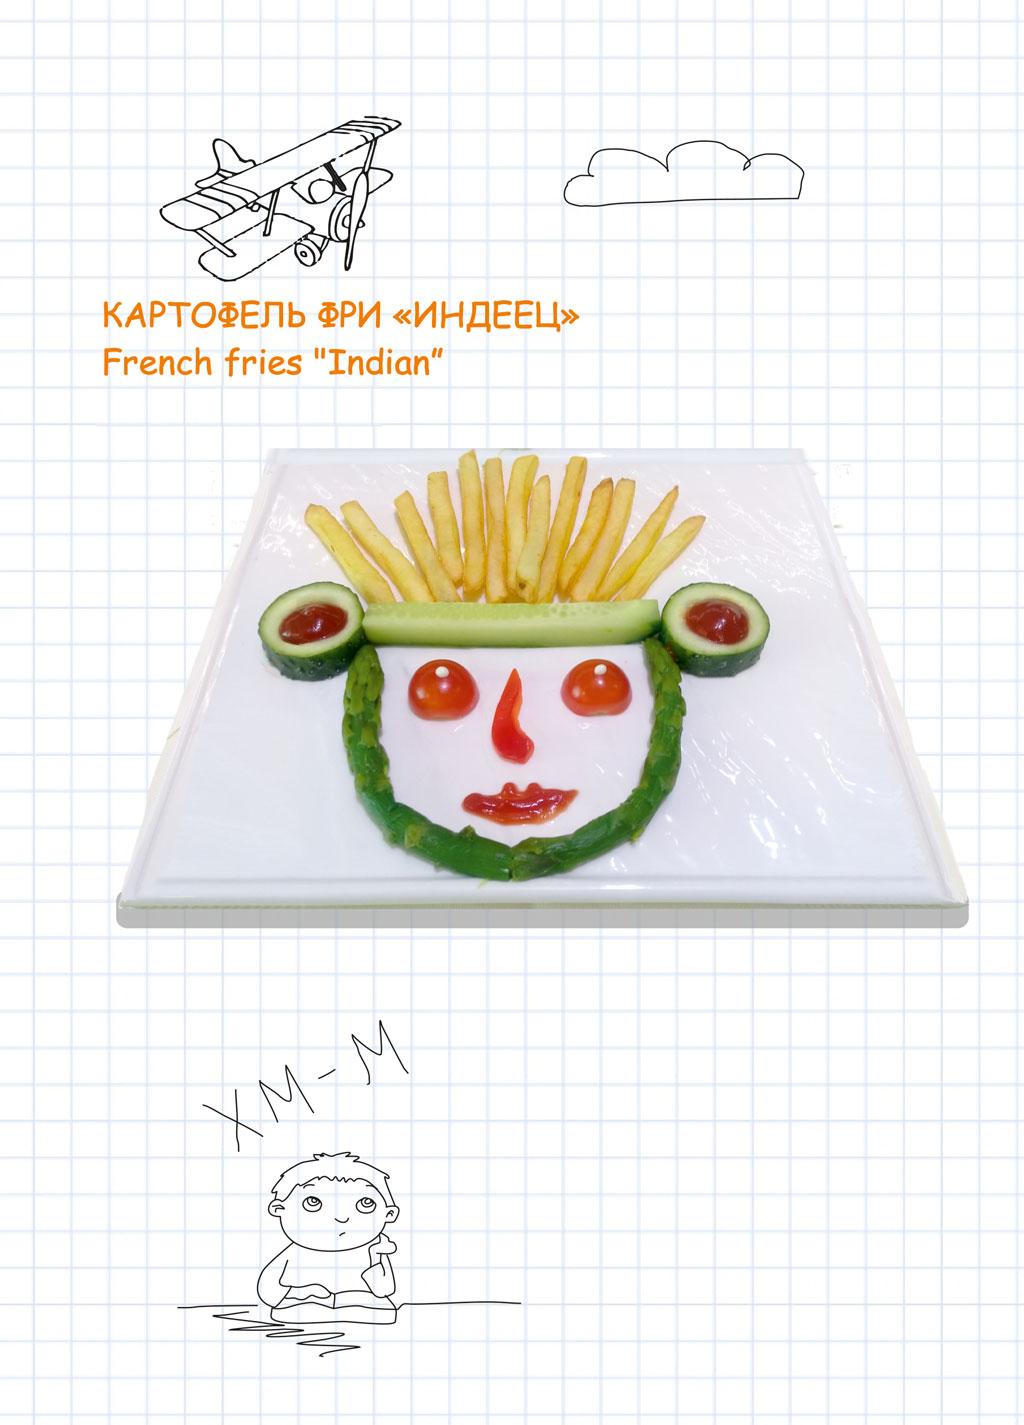 Картофель фри «Индеец» (French fries «Indian») в ресторане Аннам Брахма в Оренбурге